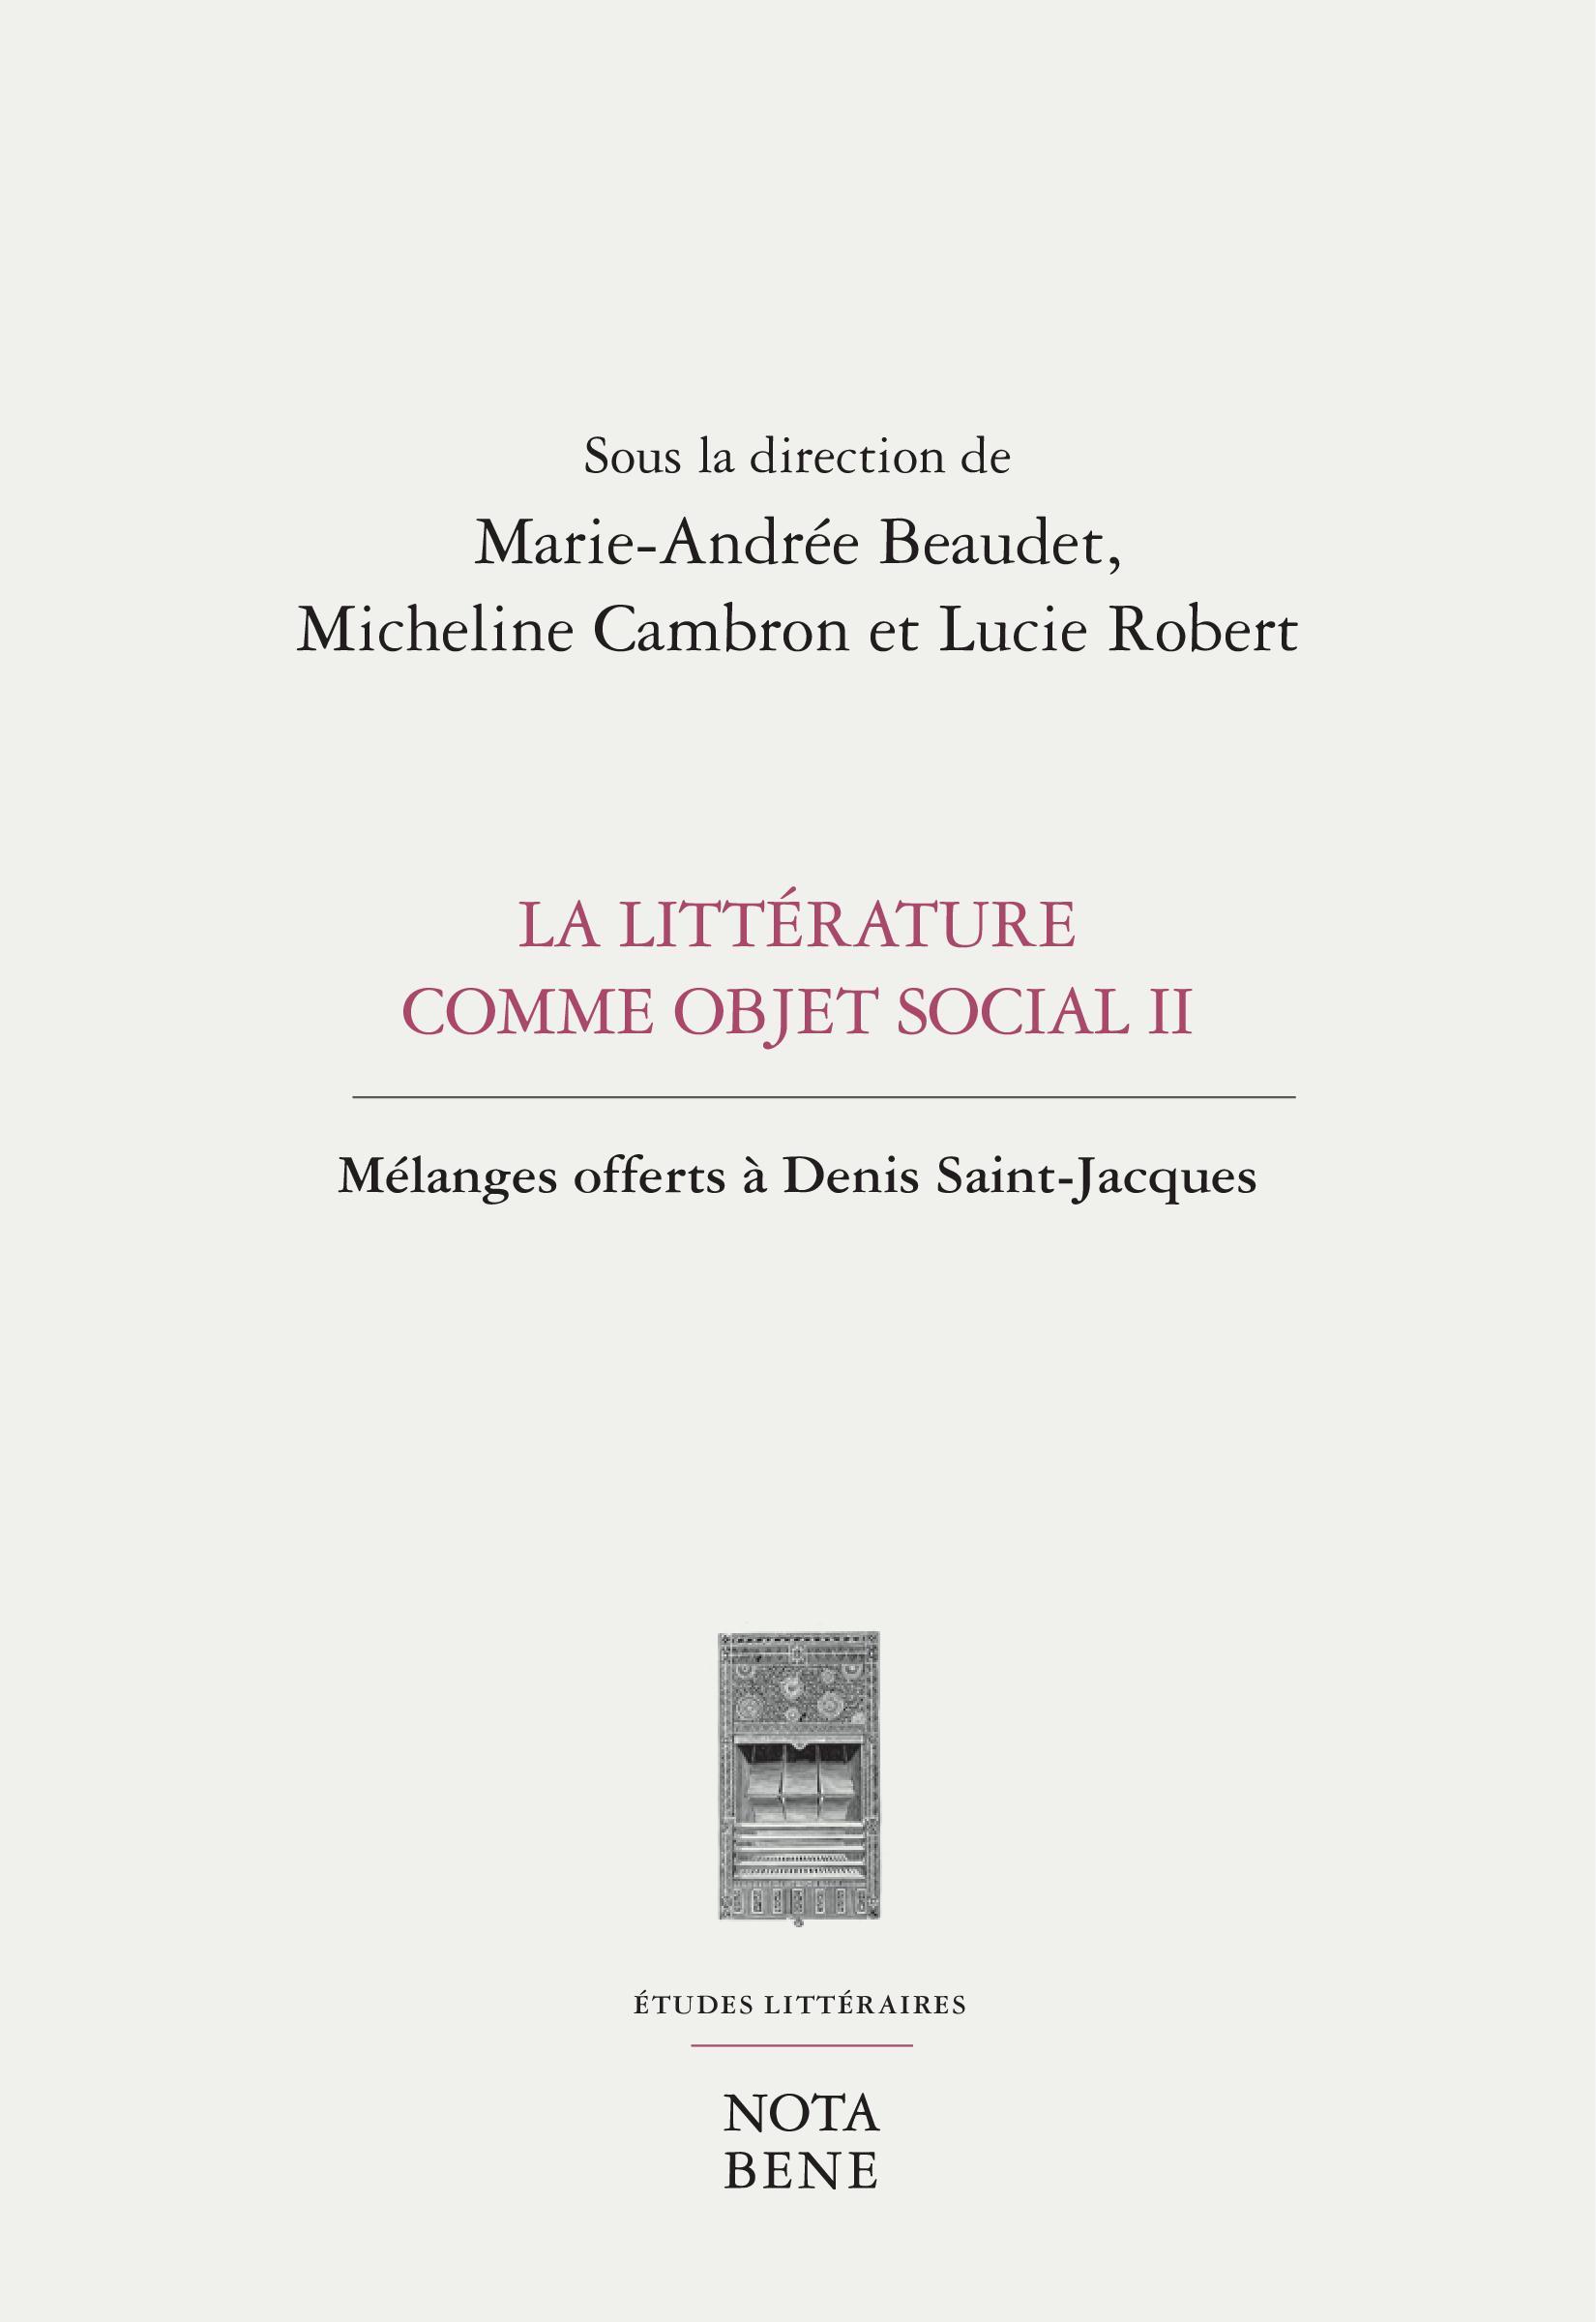 La littérature comme objet social II